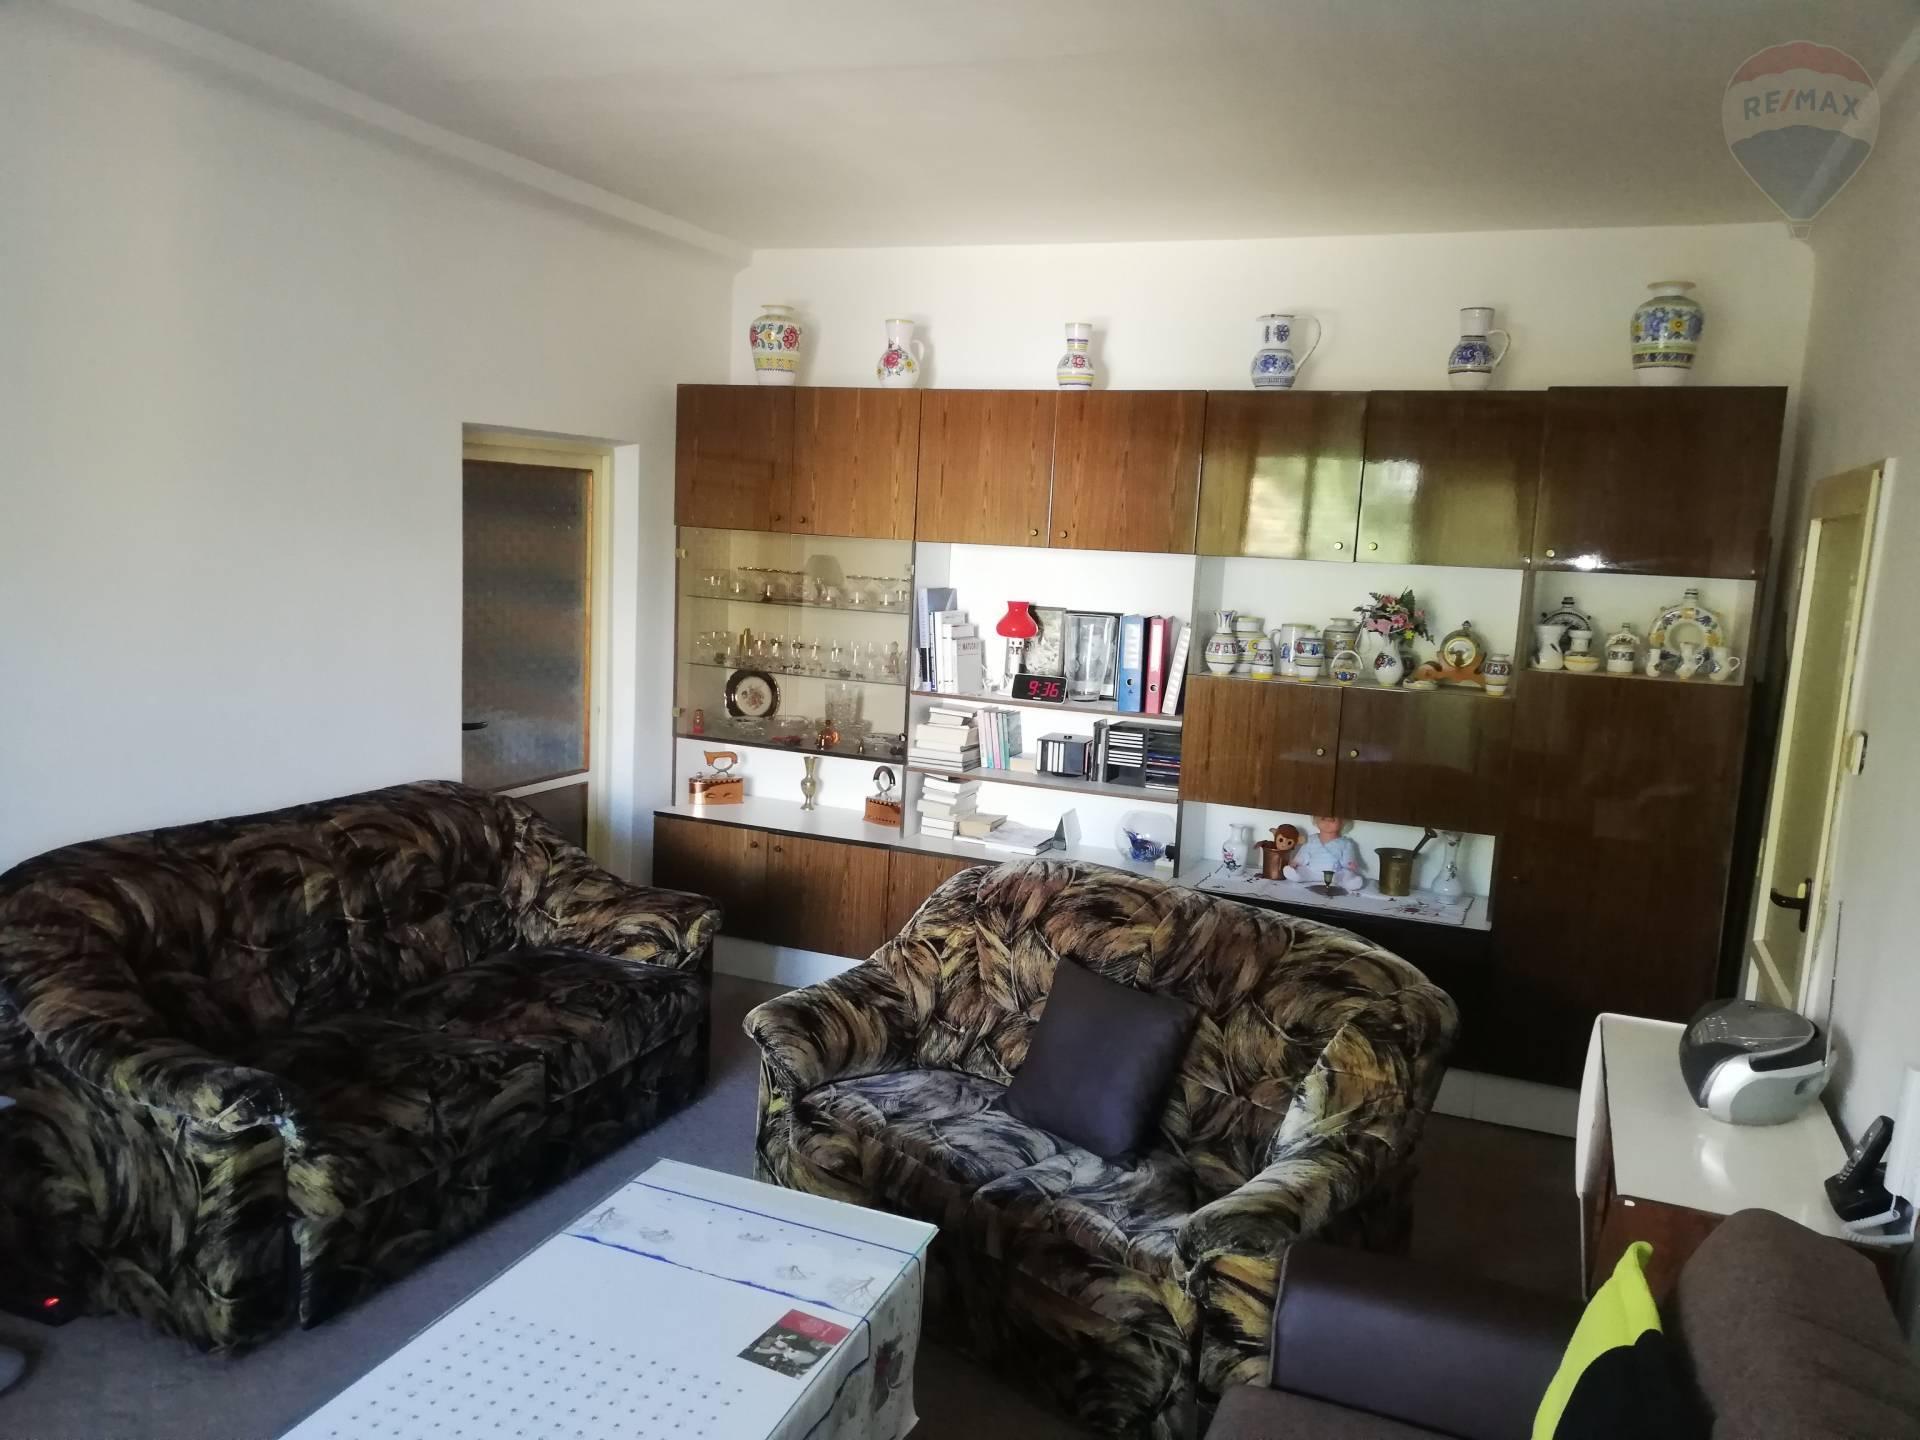 Predaj bytu (3 izbový) 75 m2, Bratislava - Ružinov - 3izbový byt obývačka